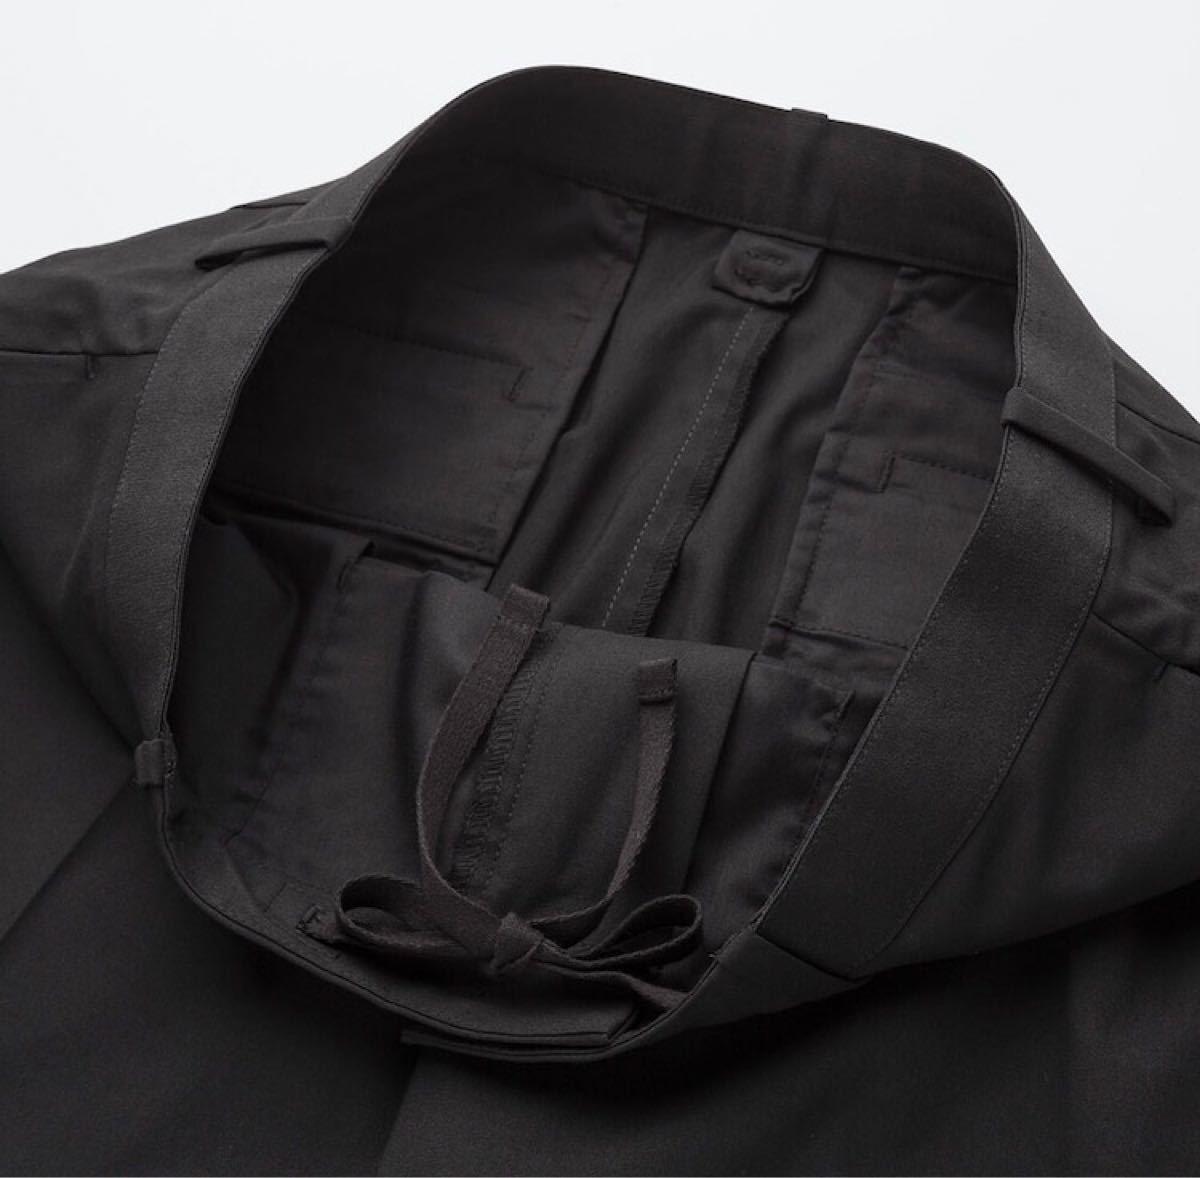 UNIQLO EZYアンクルパンツ(ウールライク・標準丈65cm)カラー:GRAY サイズ:MEN XS